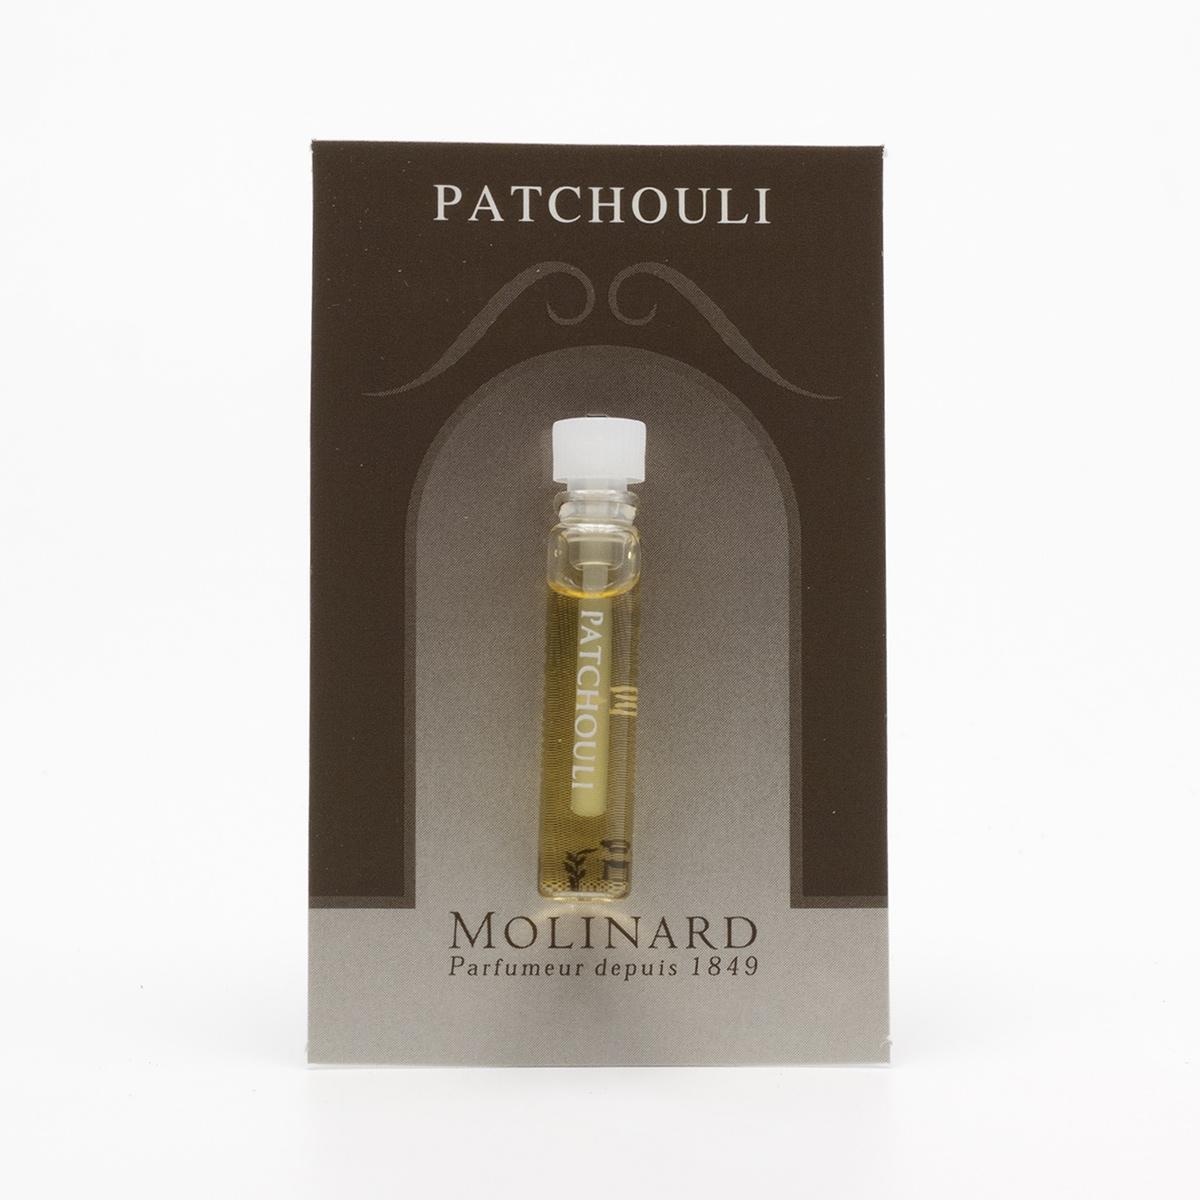 Molinard Toaletní voda Patchouli 1 ml